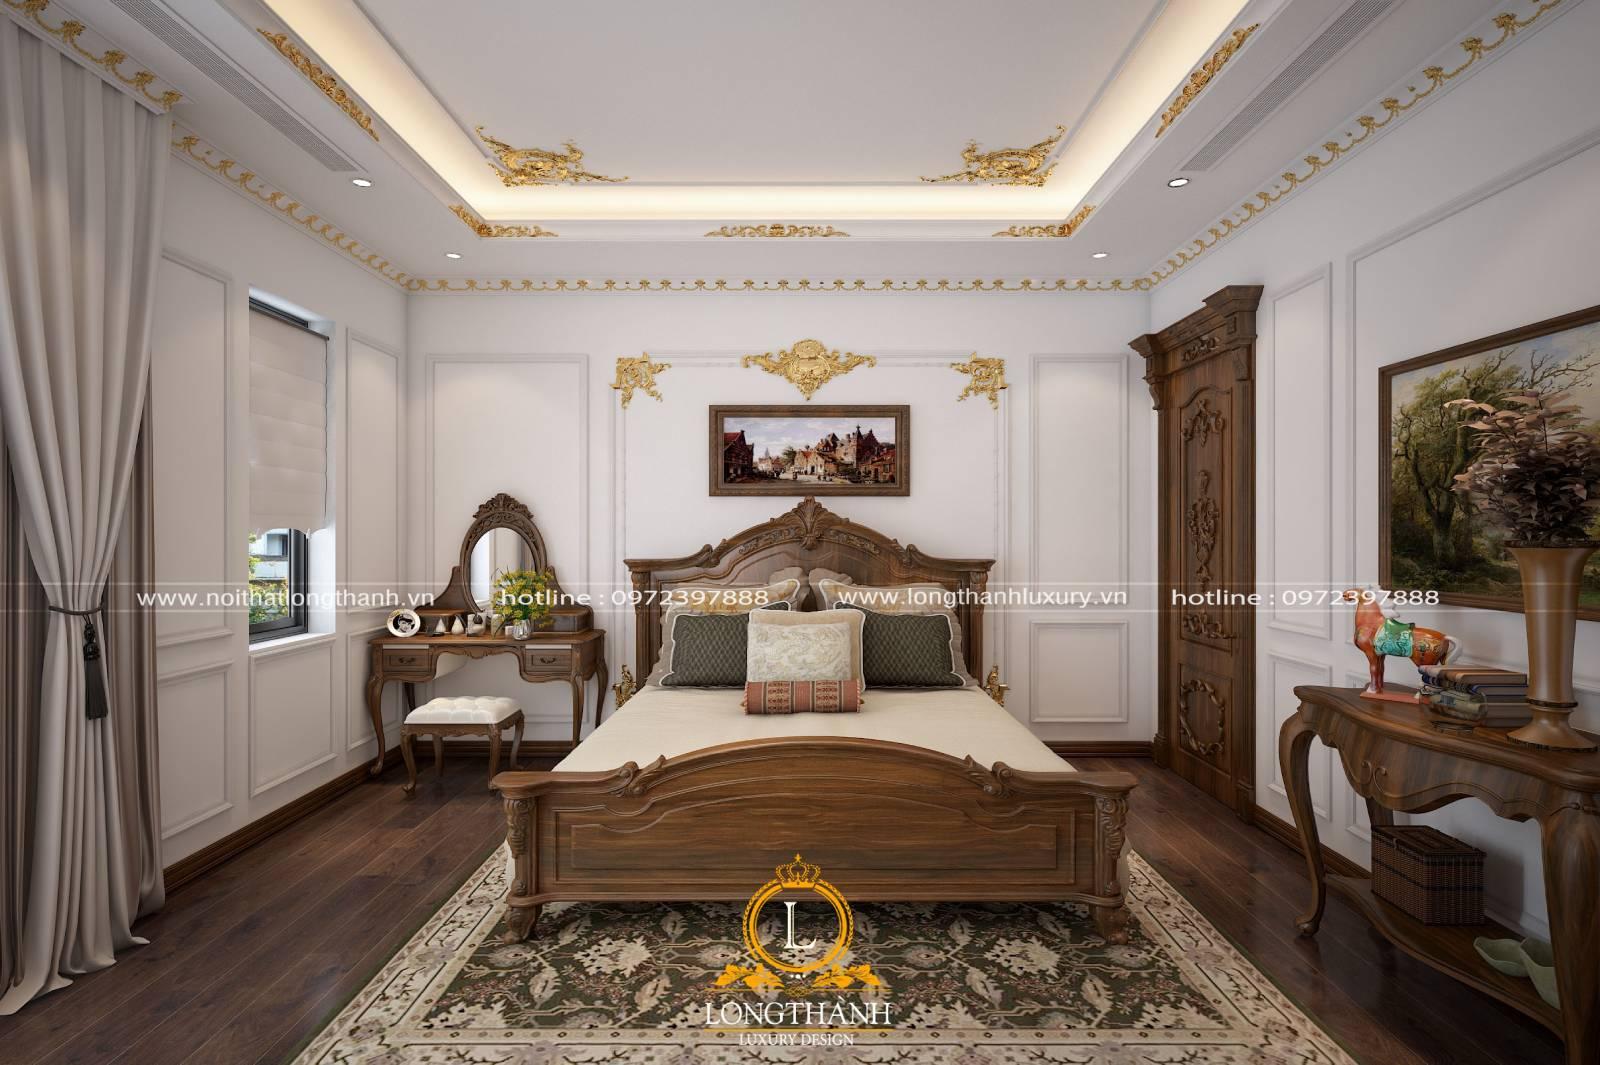 Mẫu giường ngủ master tân cổ điển làm từ gỗ sồi sơn màu nâu socola